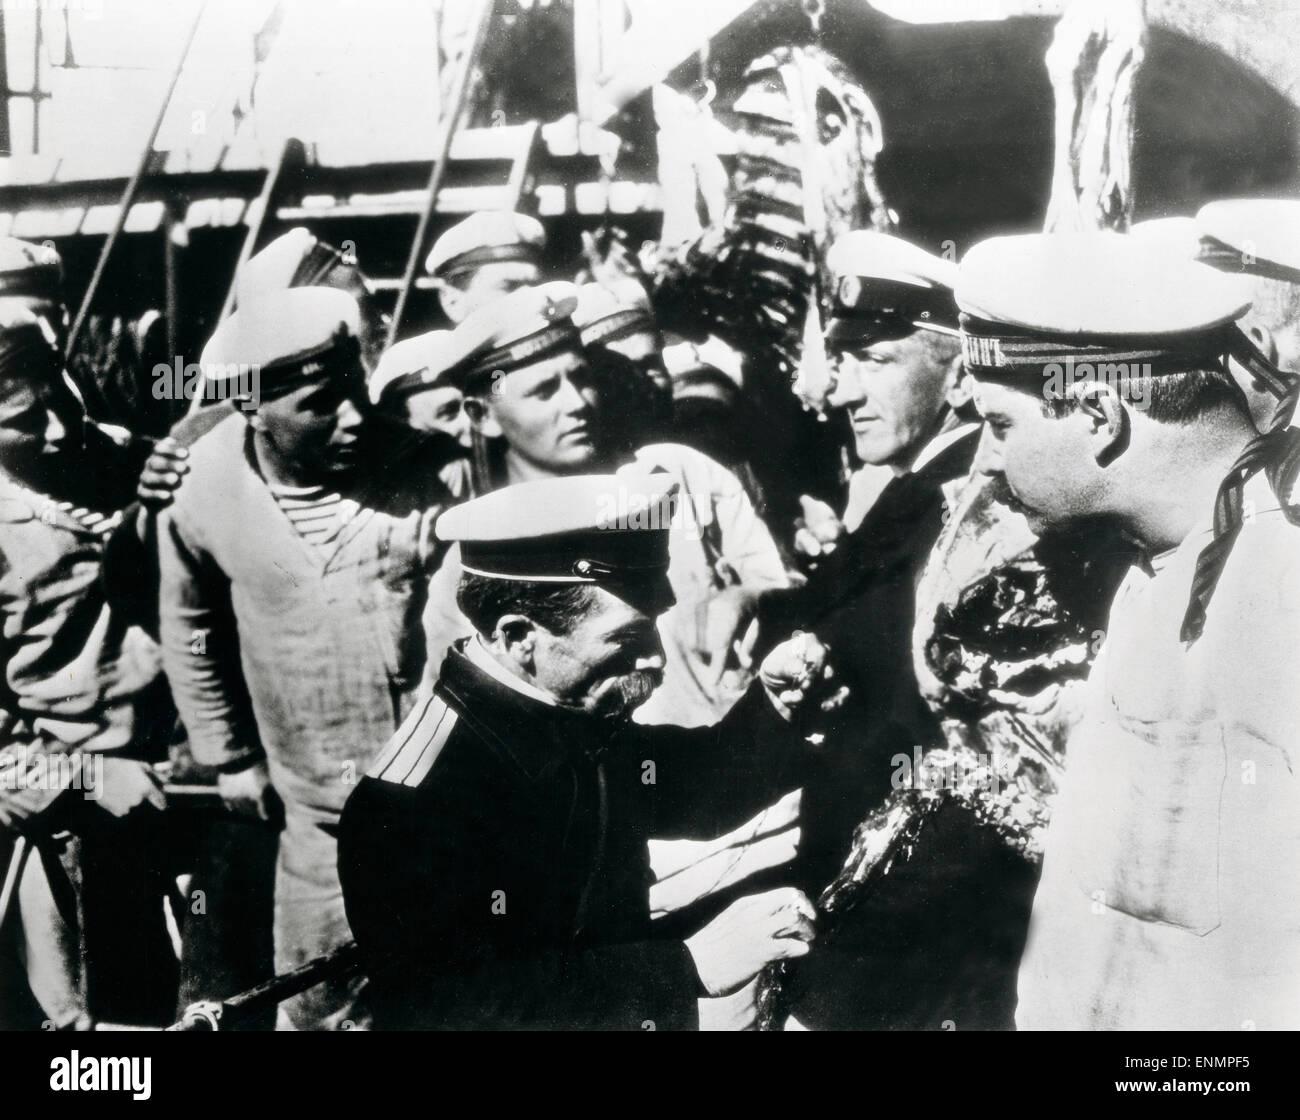 Bronenosez Potjomkin, Bronenosets Potyomkin, UdSSR 1925, aka: Panzerkreuzer Potemkin, Battleship Potemkin, Regie: - Stock Image